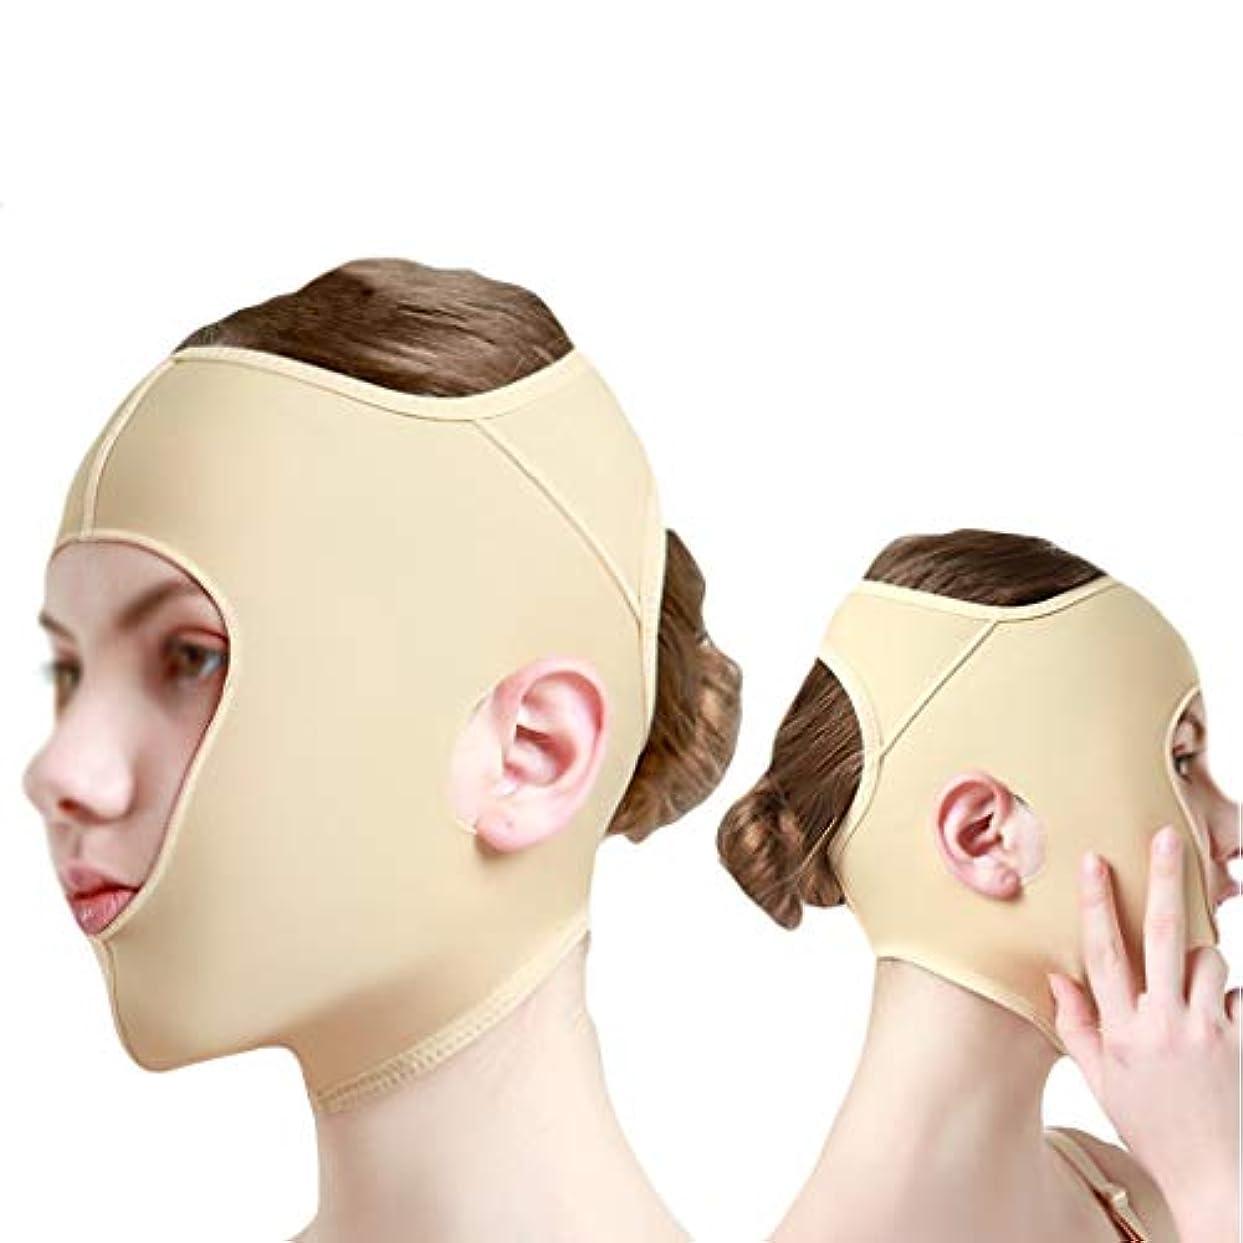 ルーム卒業アークXHLMRMJ 顔の彫刻ツール、脂肪吸引フード、二重あご包帯、ストレッチマスク (Size : M)